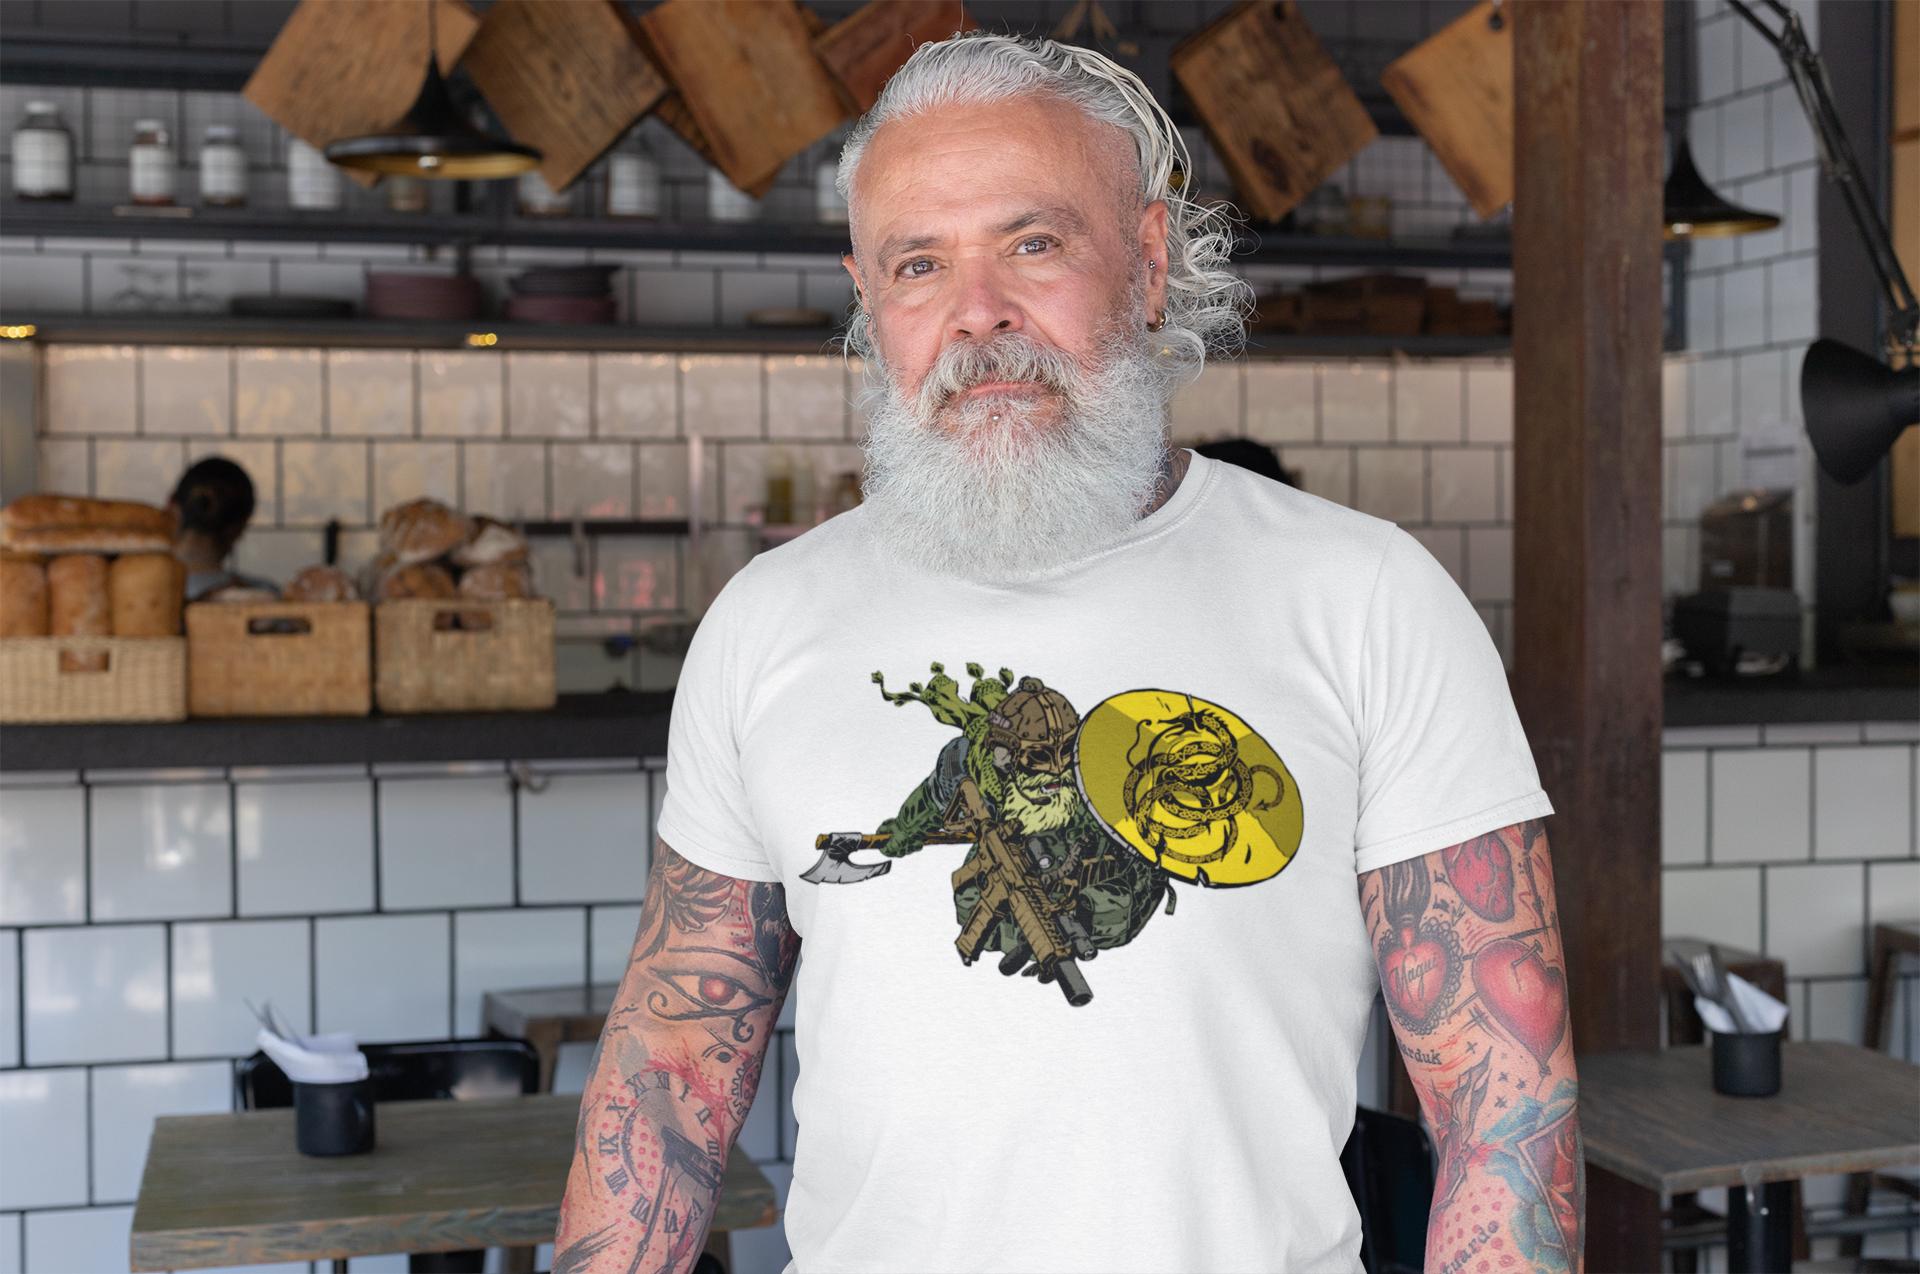 A proper pro Second Amendment warrior shirt